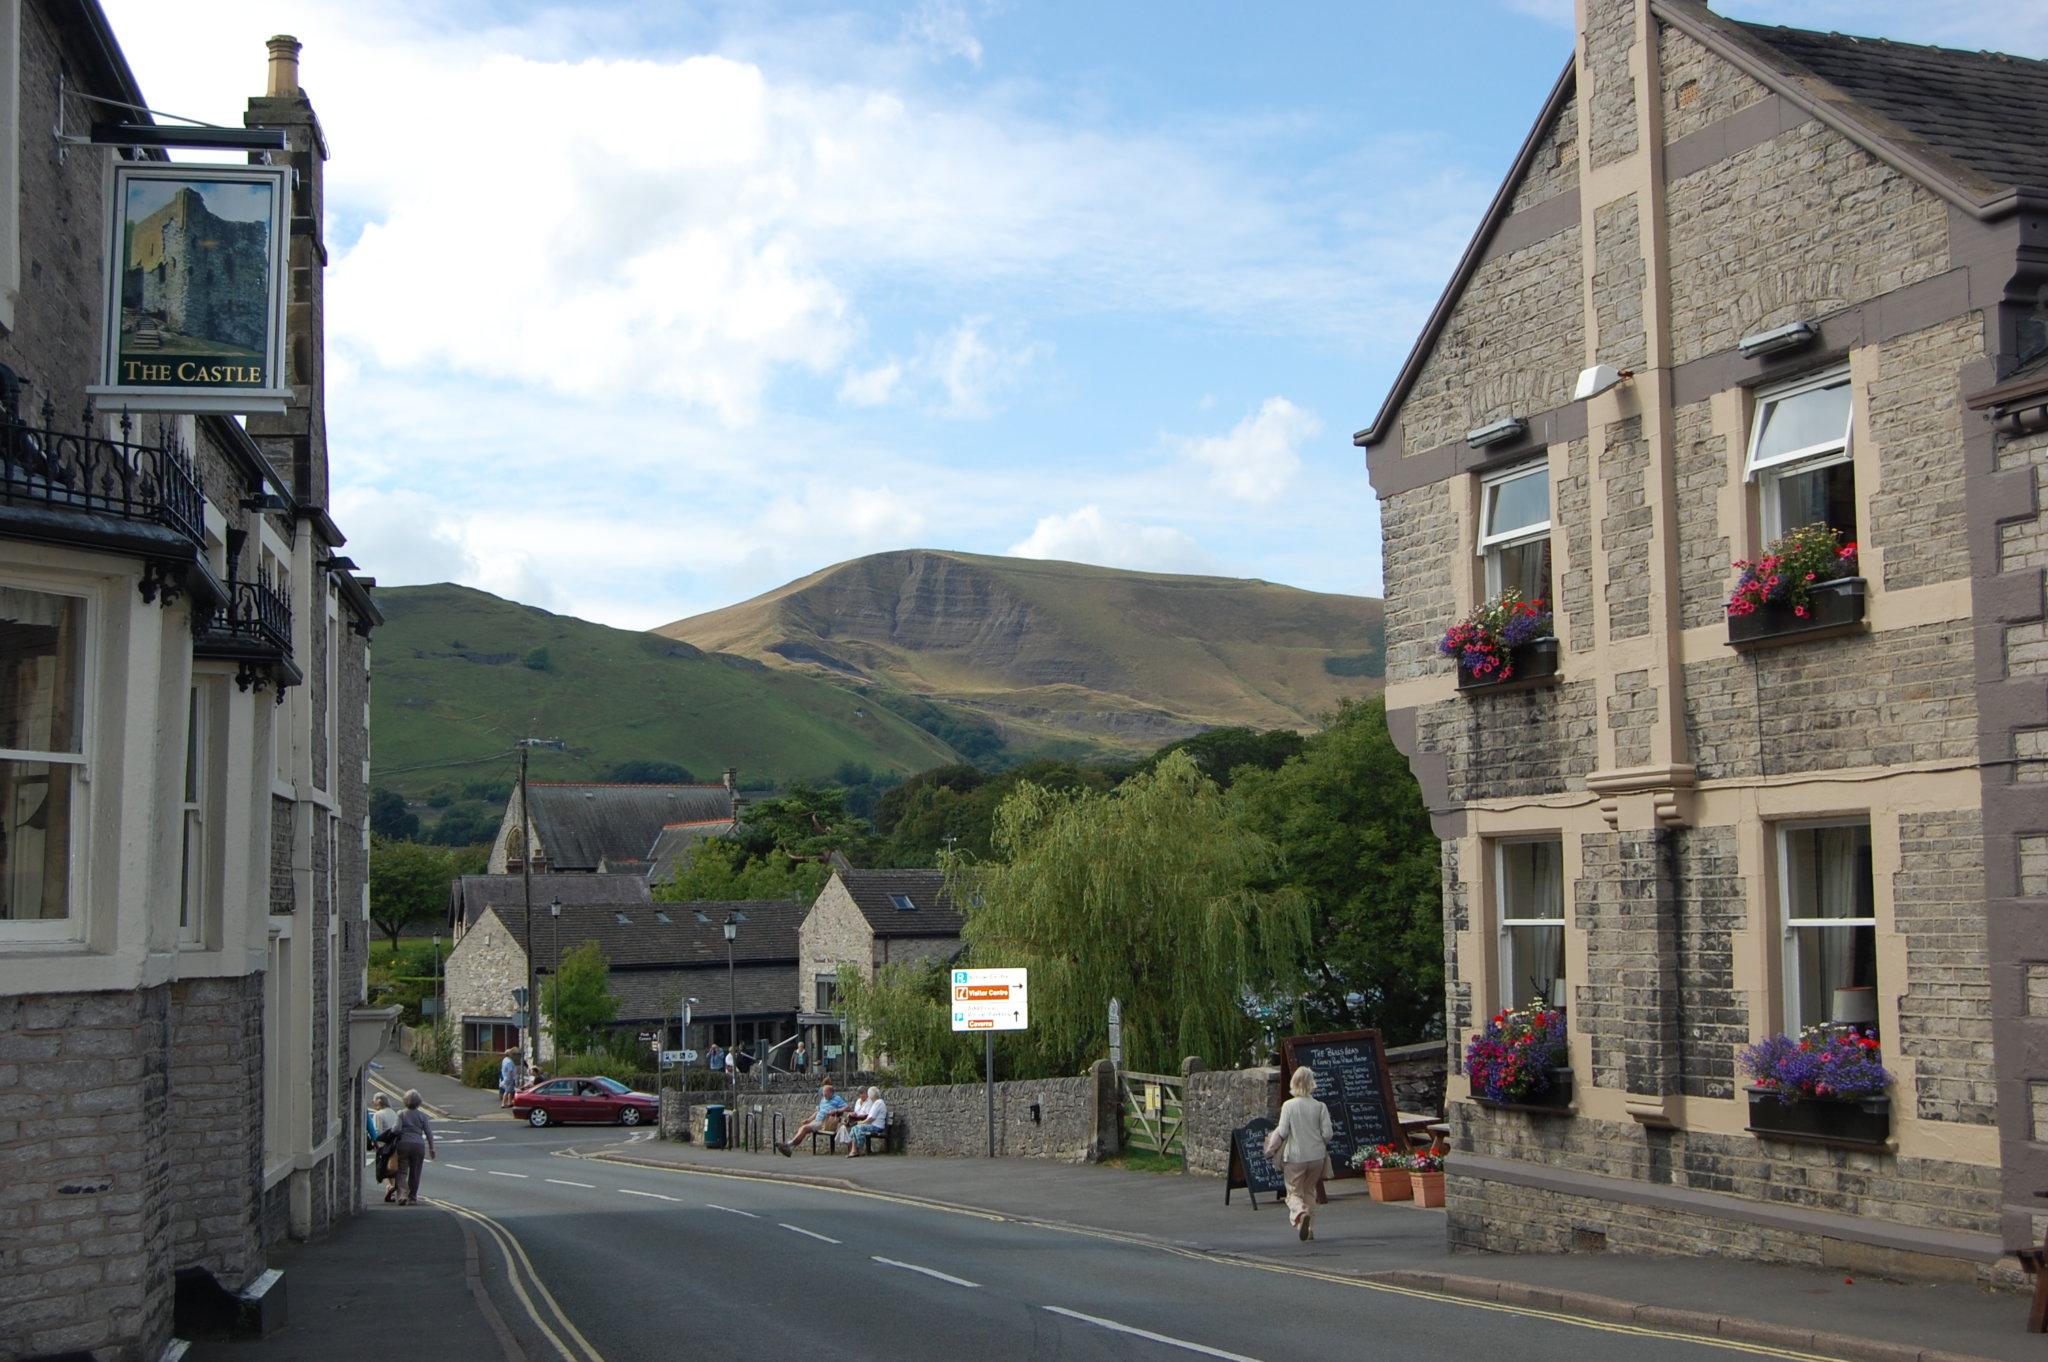 Castleton Village in the High Peak, Derbyshire